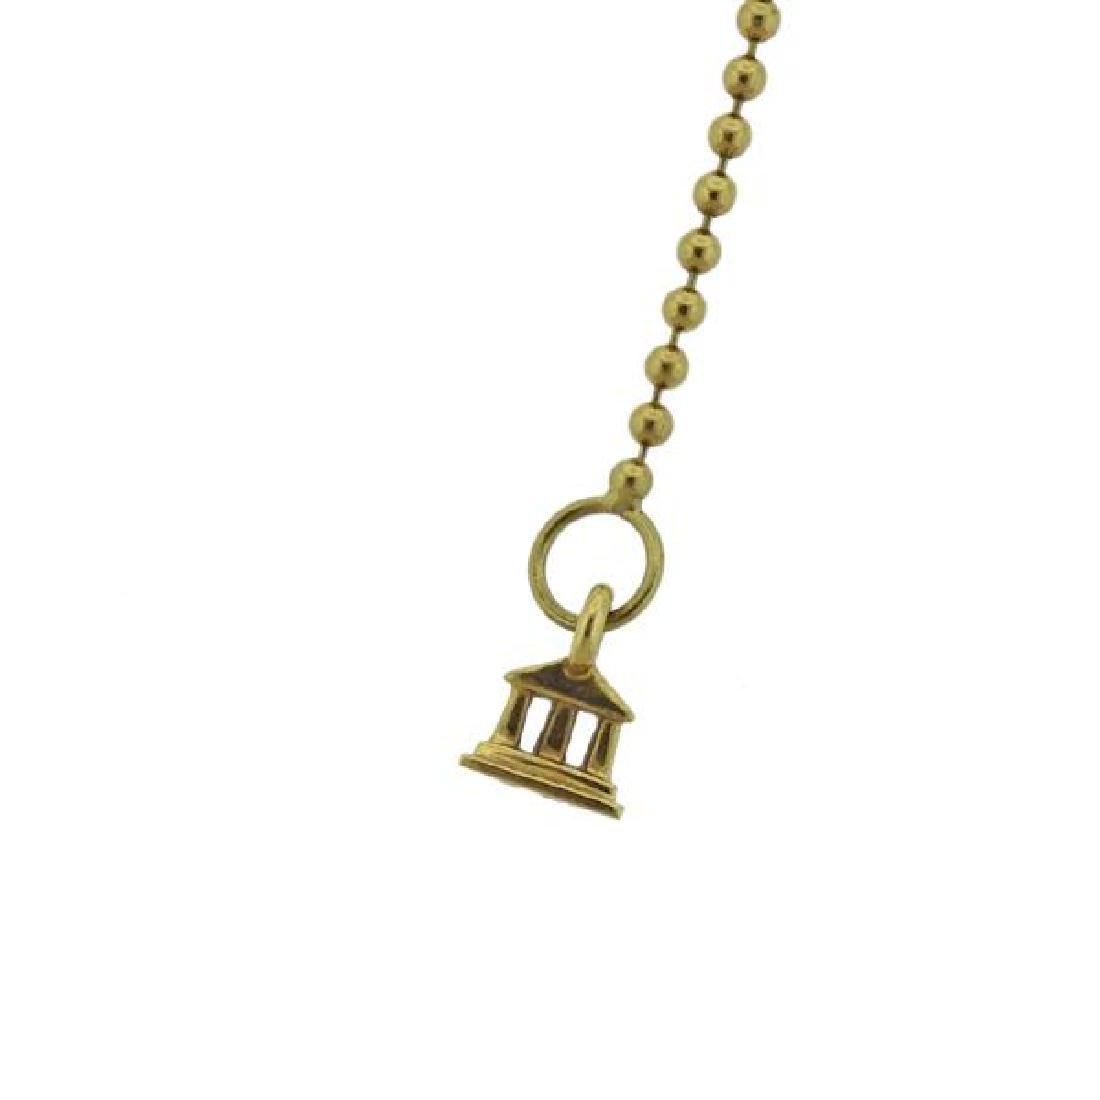 Temple St. Clair 18K Gold Diamond Pendant Necklace - 3